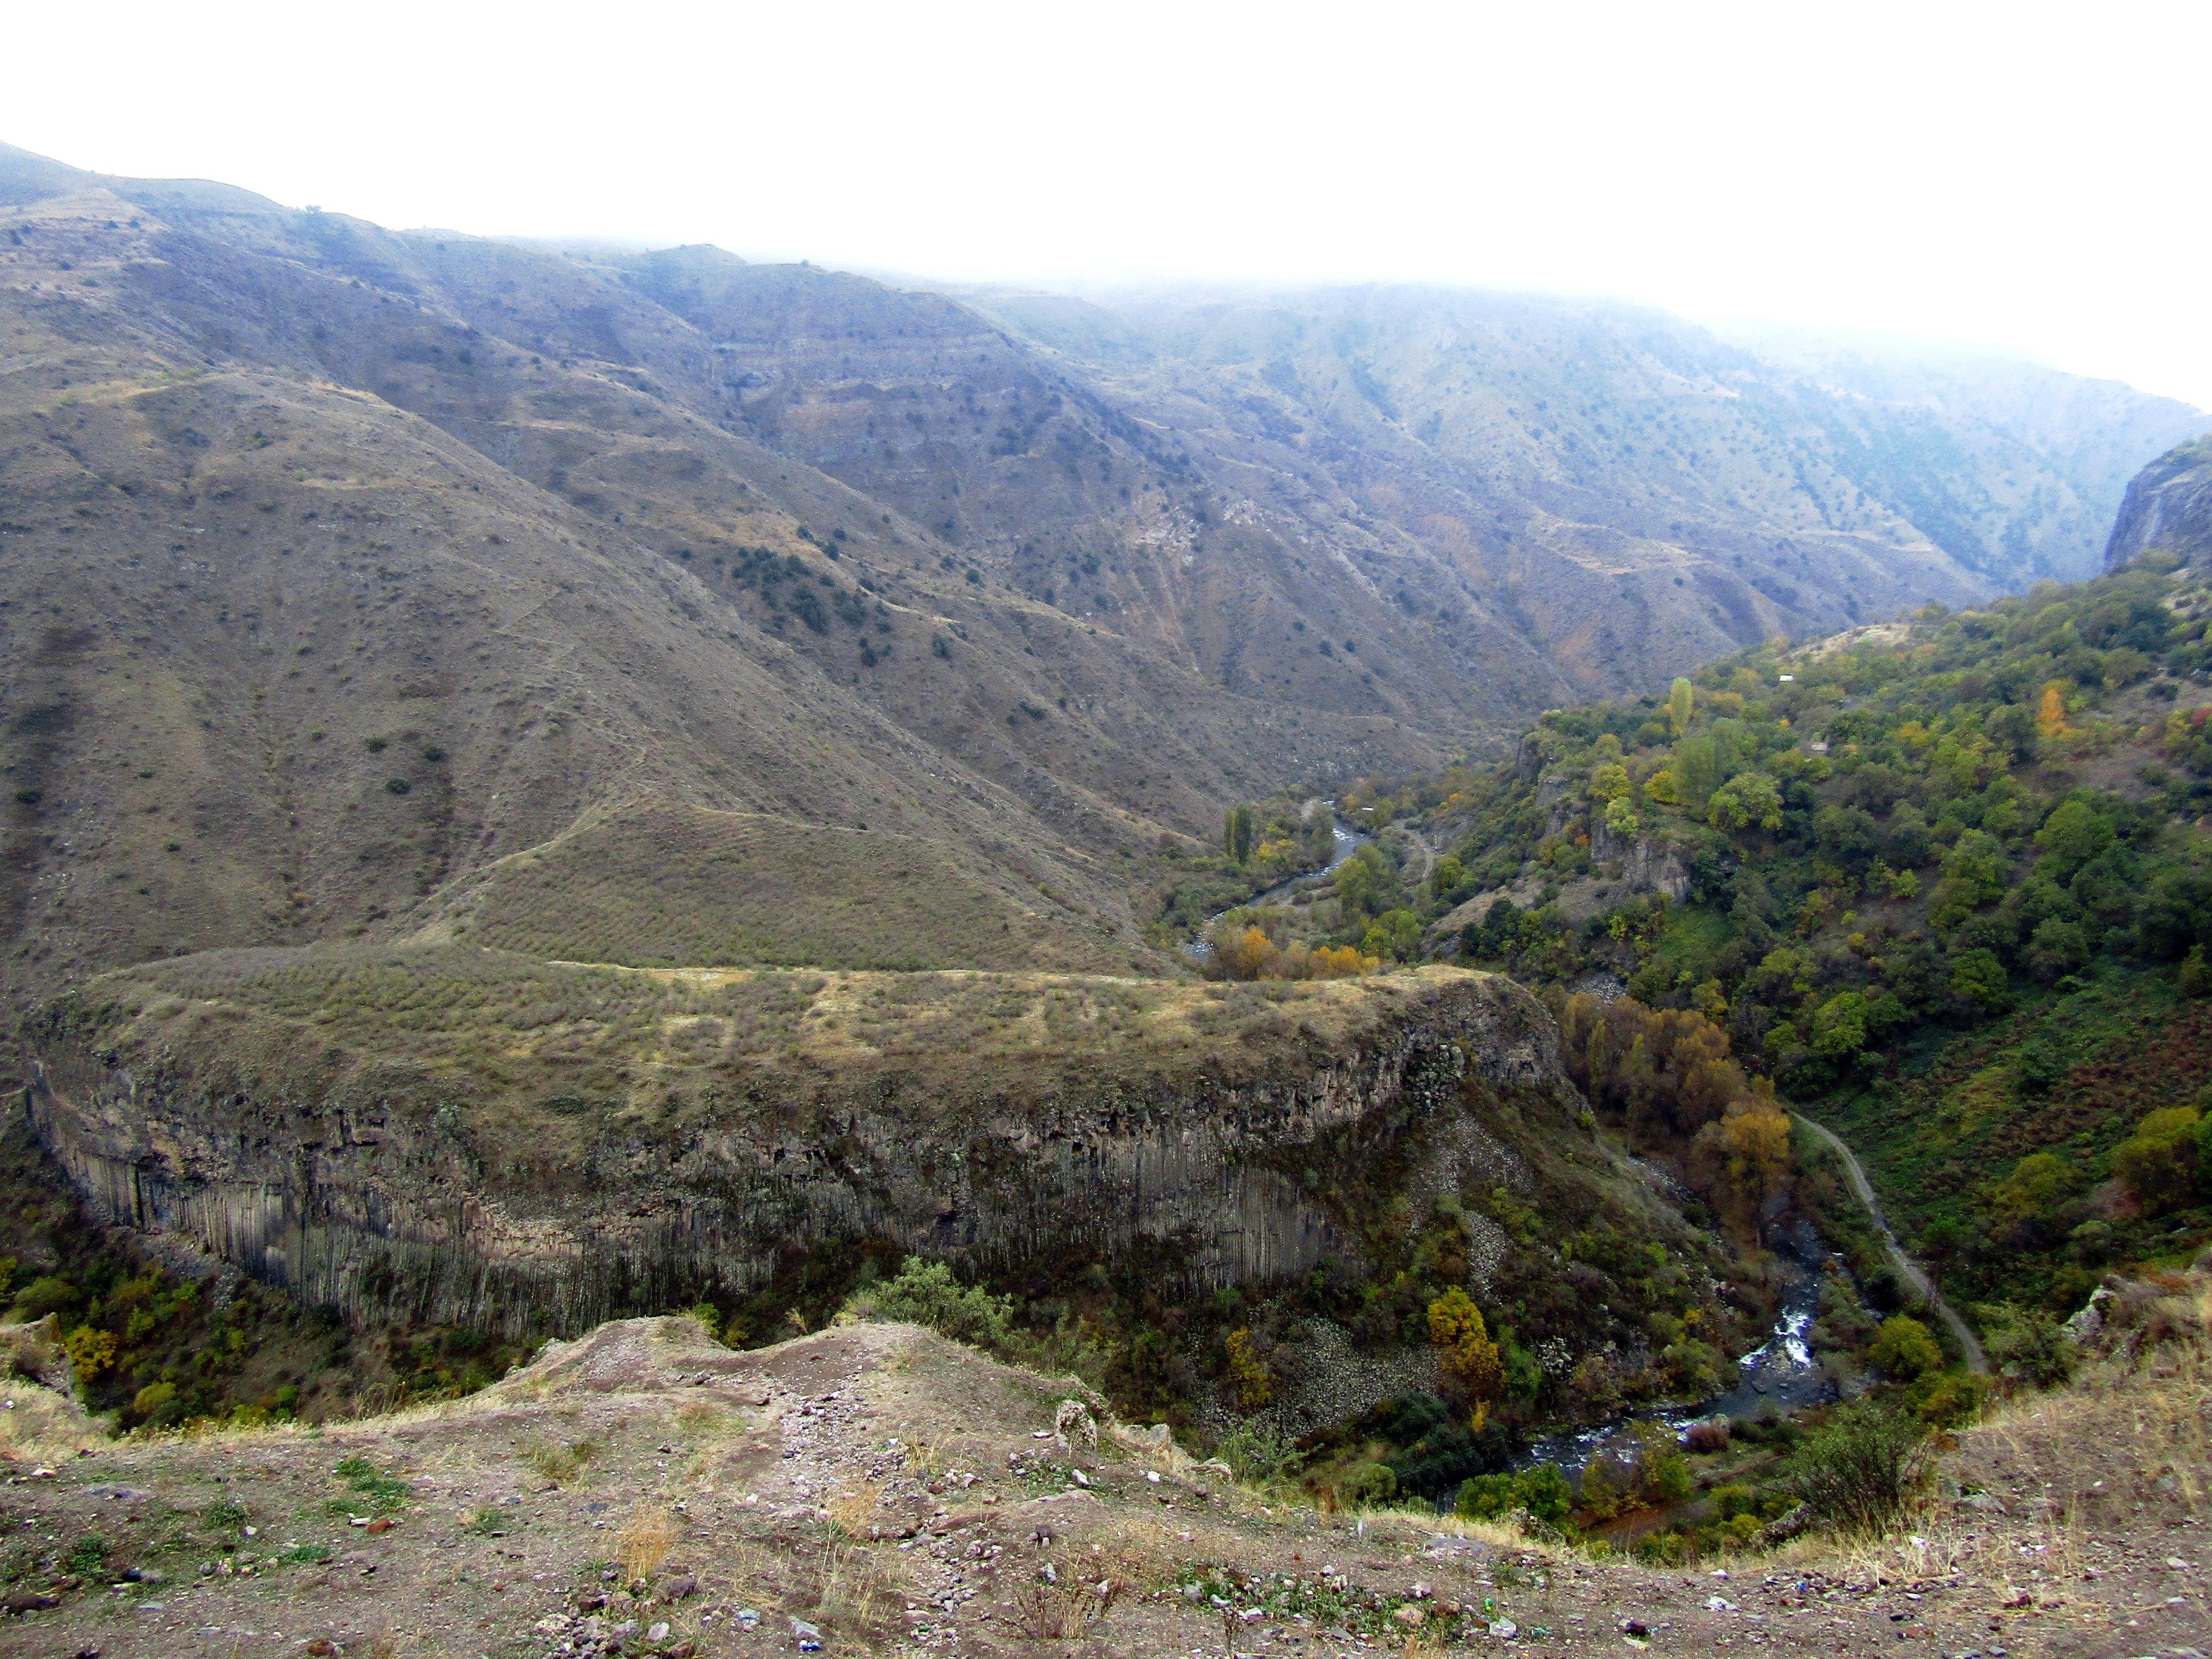 The landscape around Garni Temple